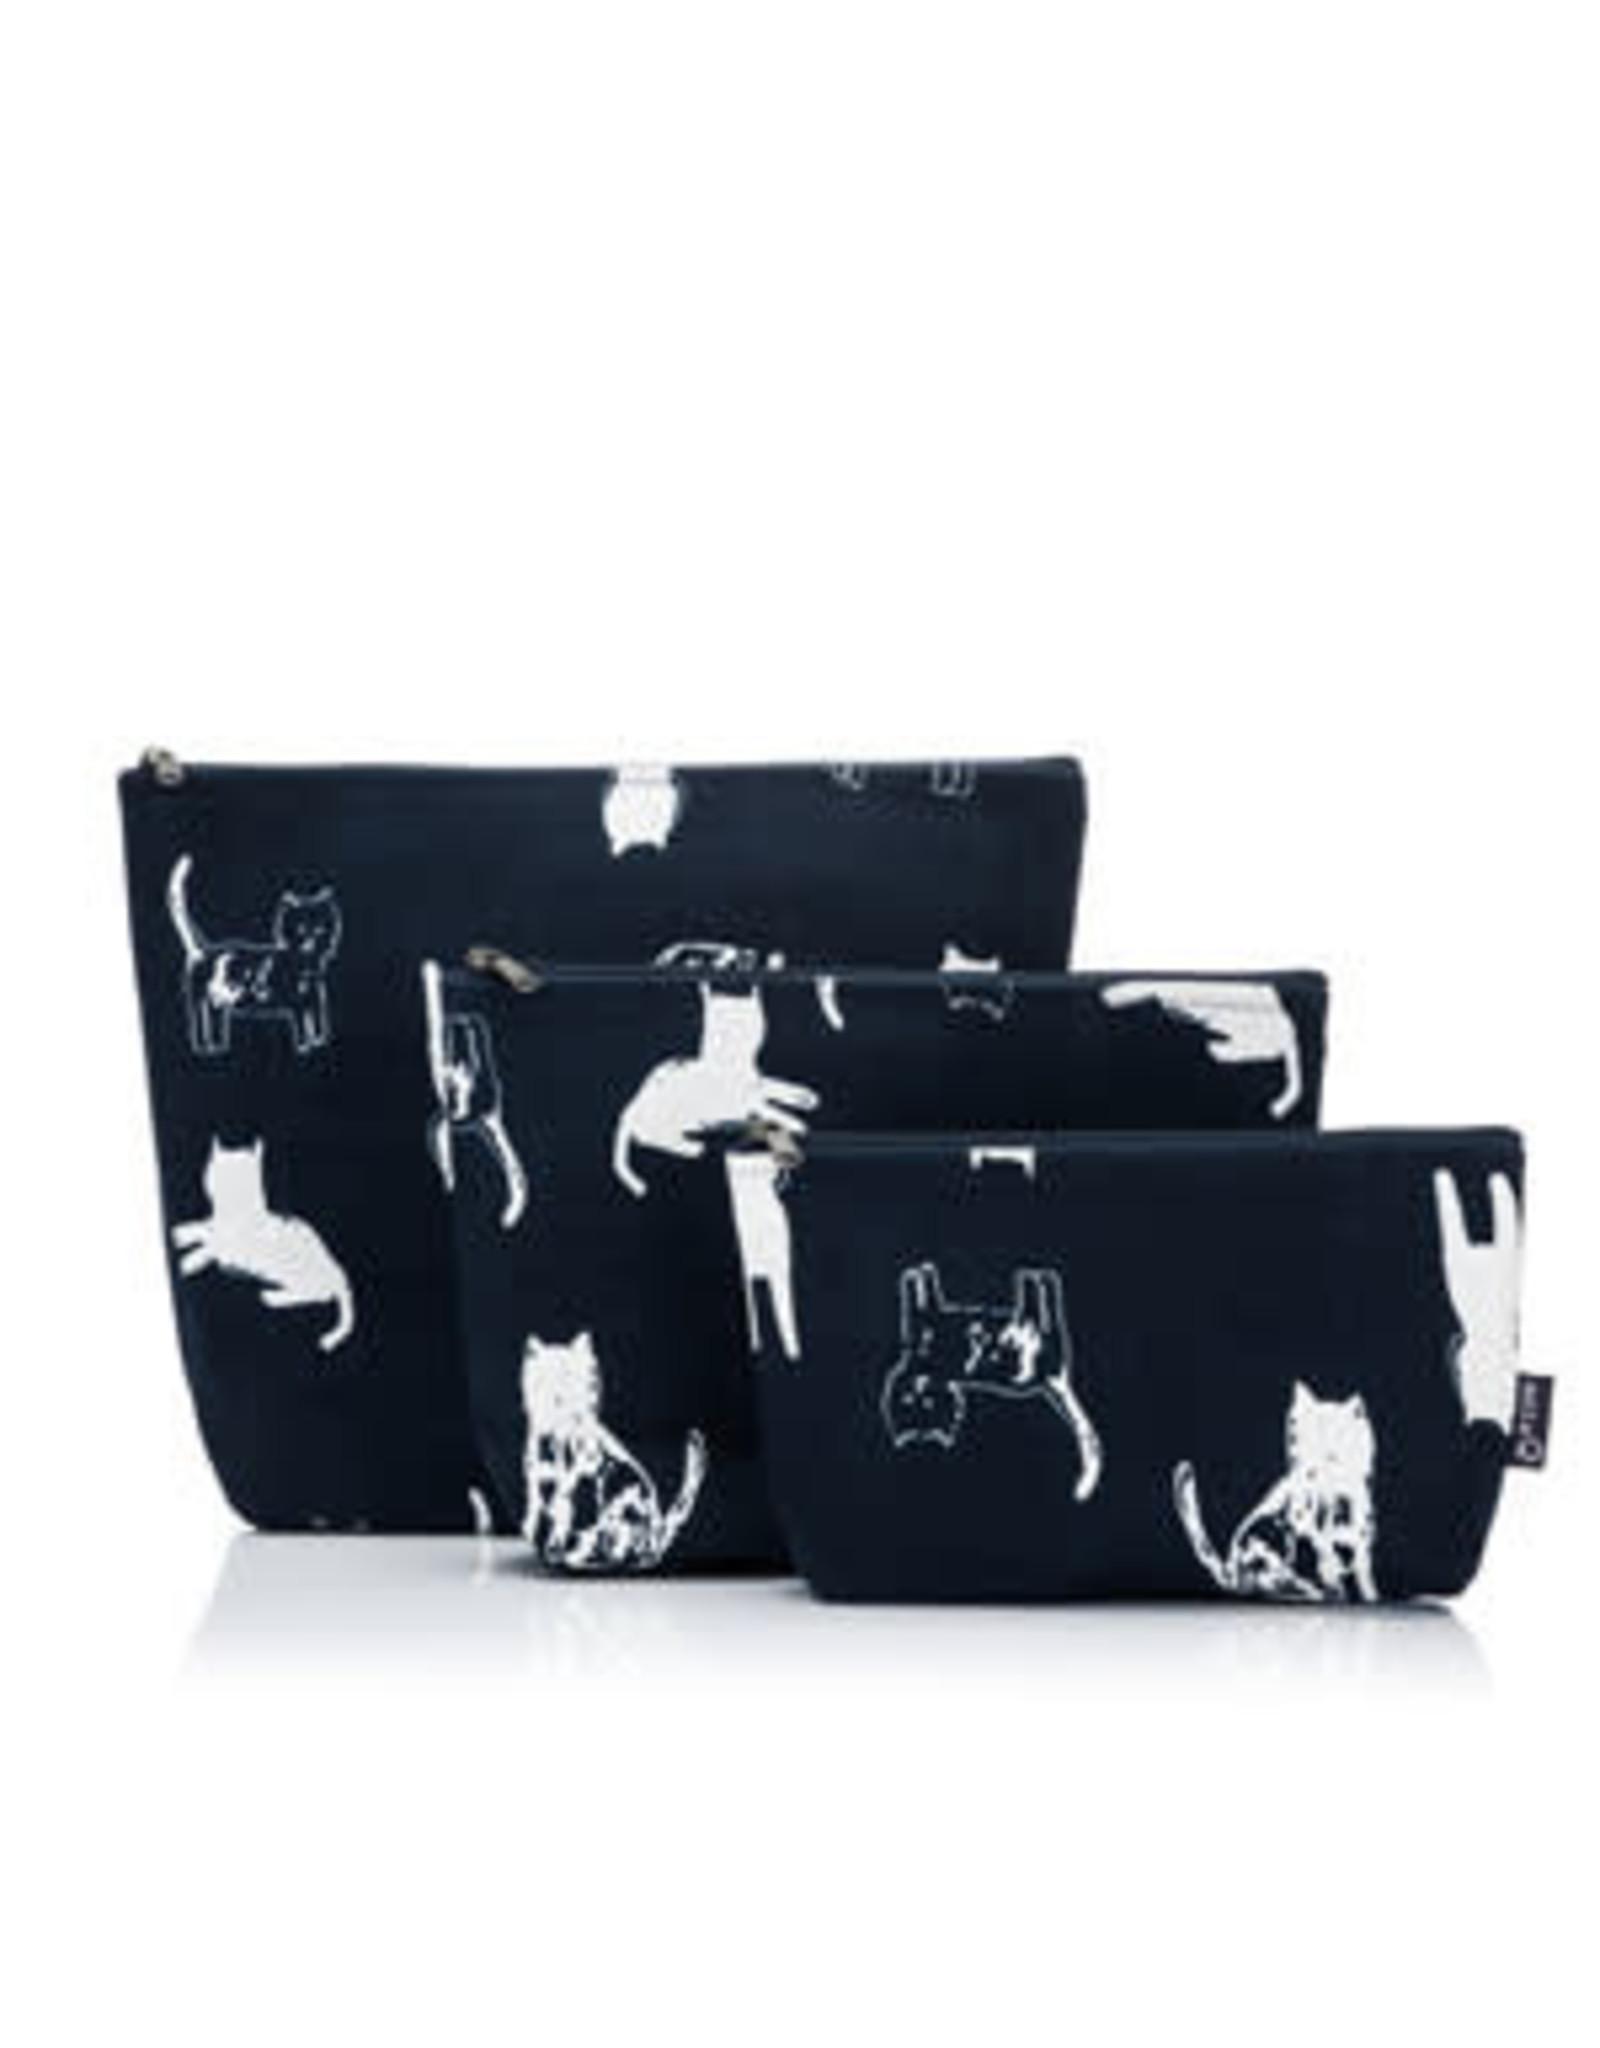 Della Q - Mesh + Zip Collection - Cat/Polka Dots Cotton Print